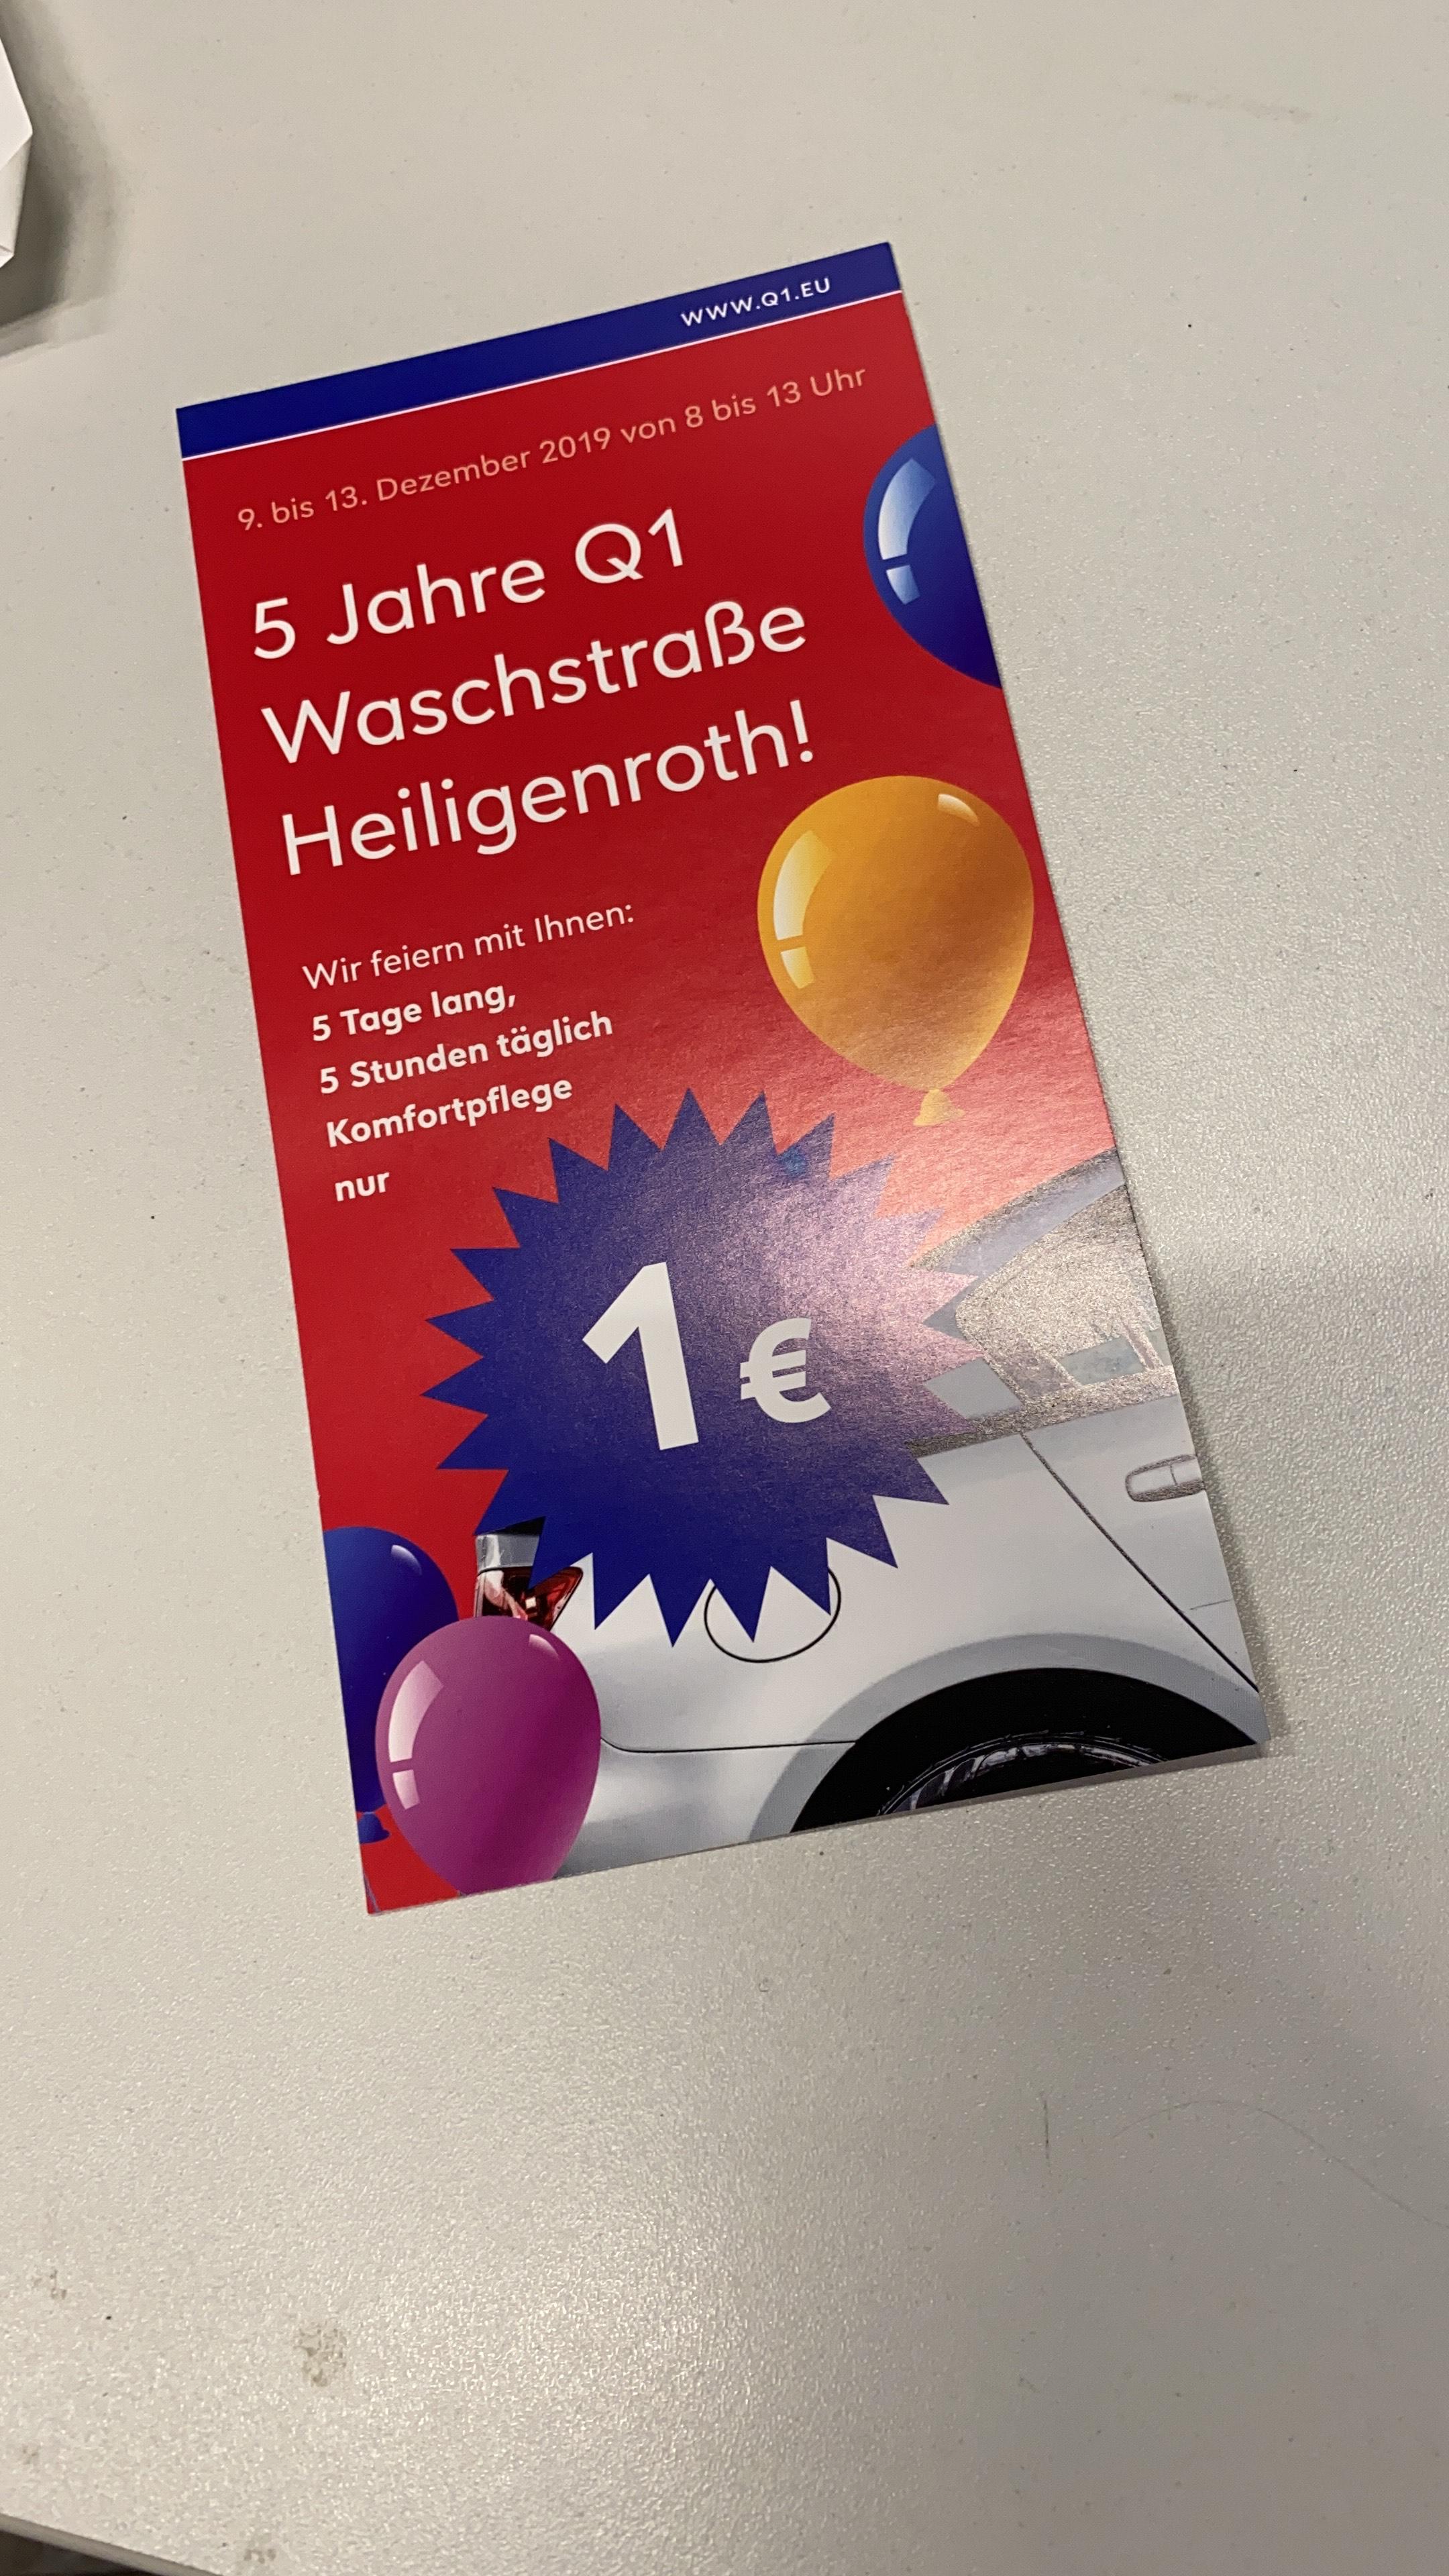 Lokal Heiligenroth - Komfortwäsche 1€ Autowäsche